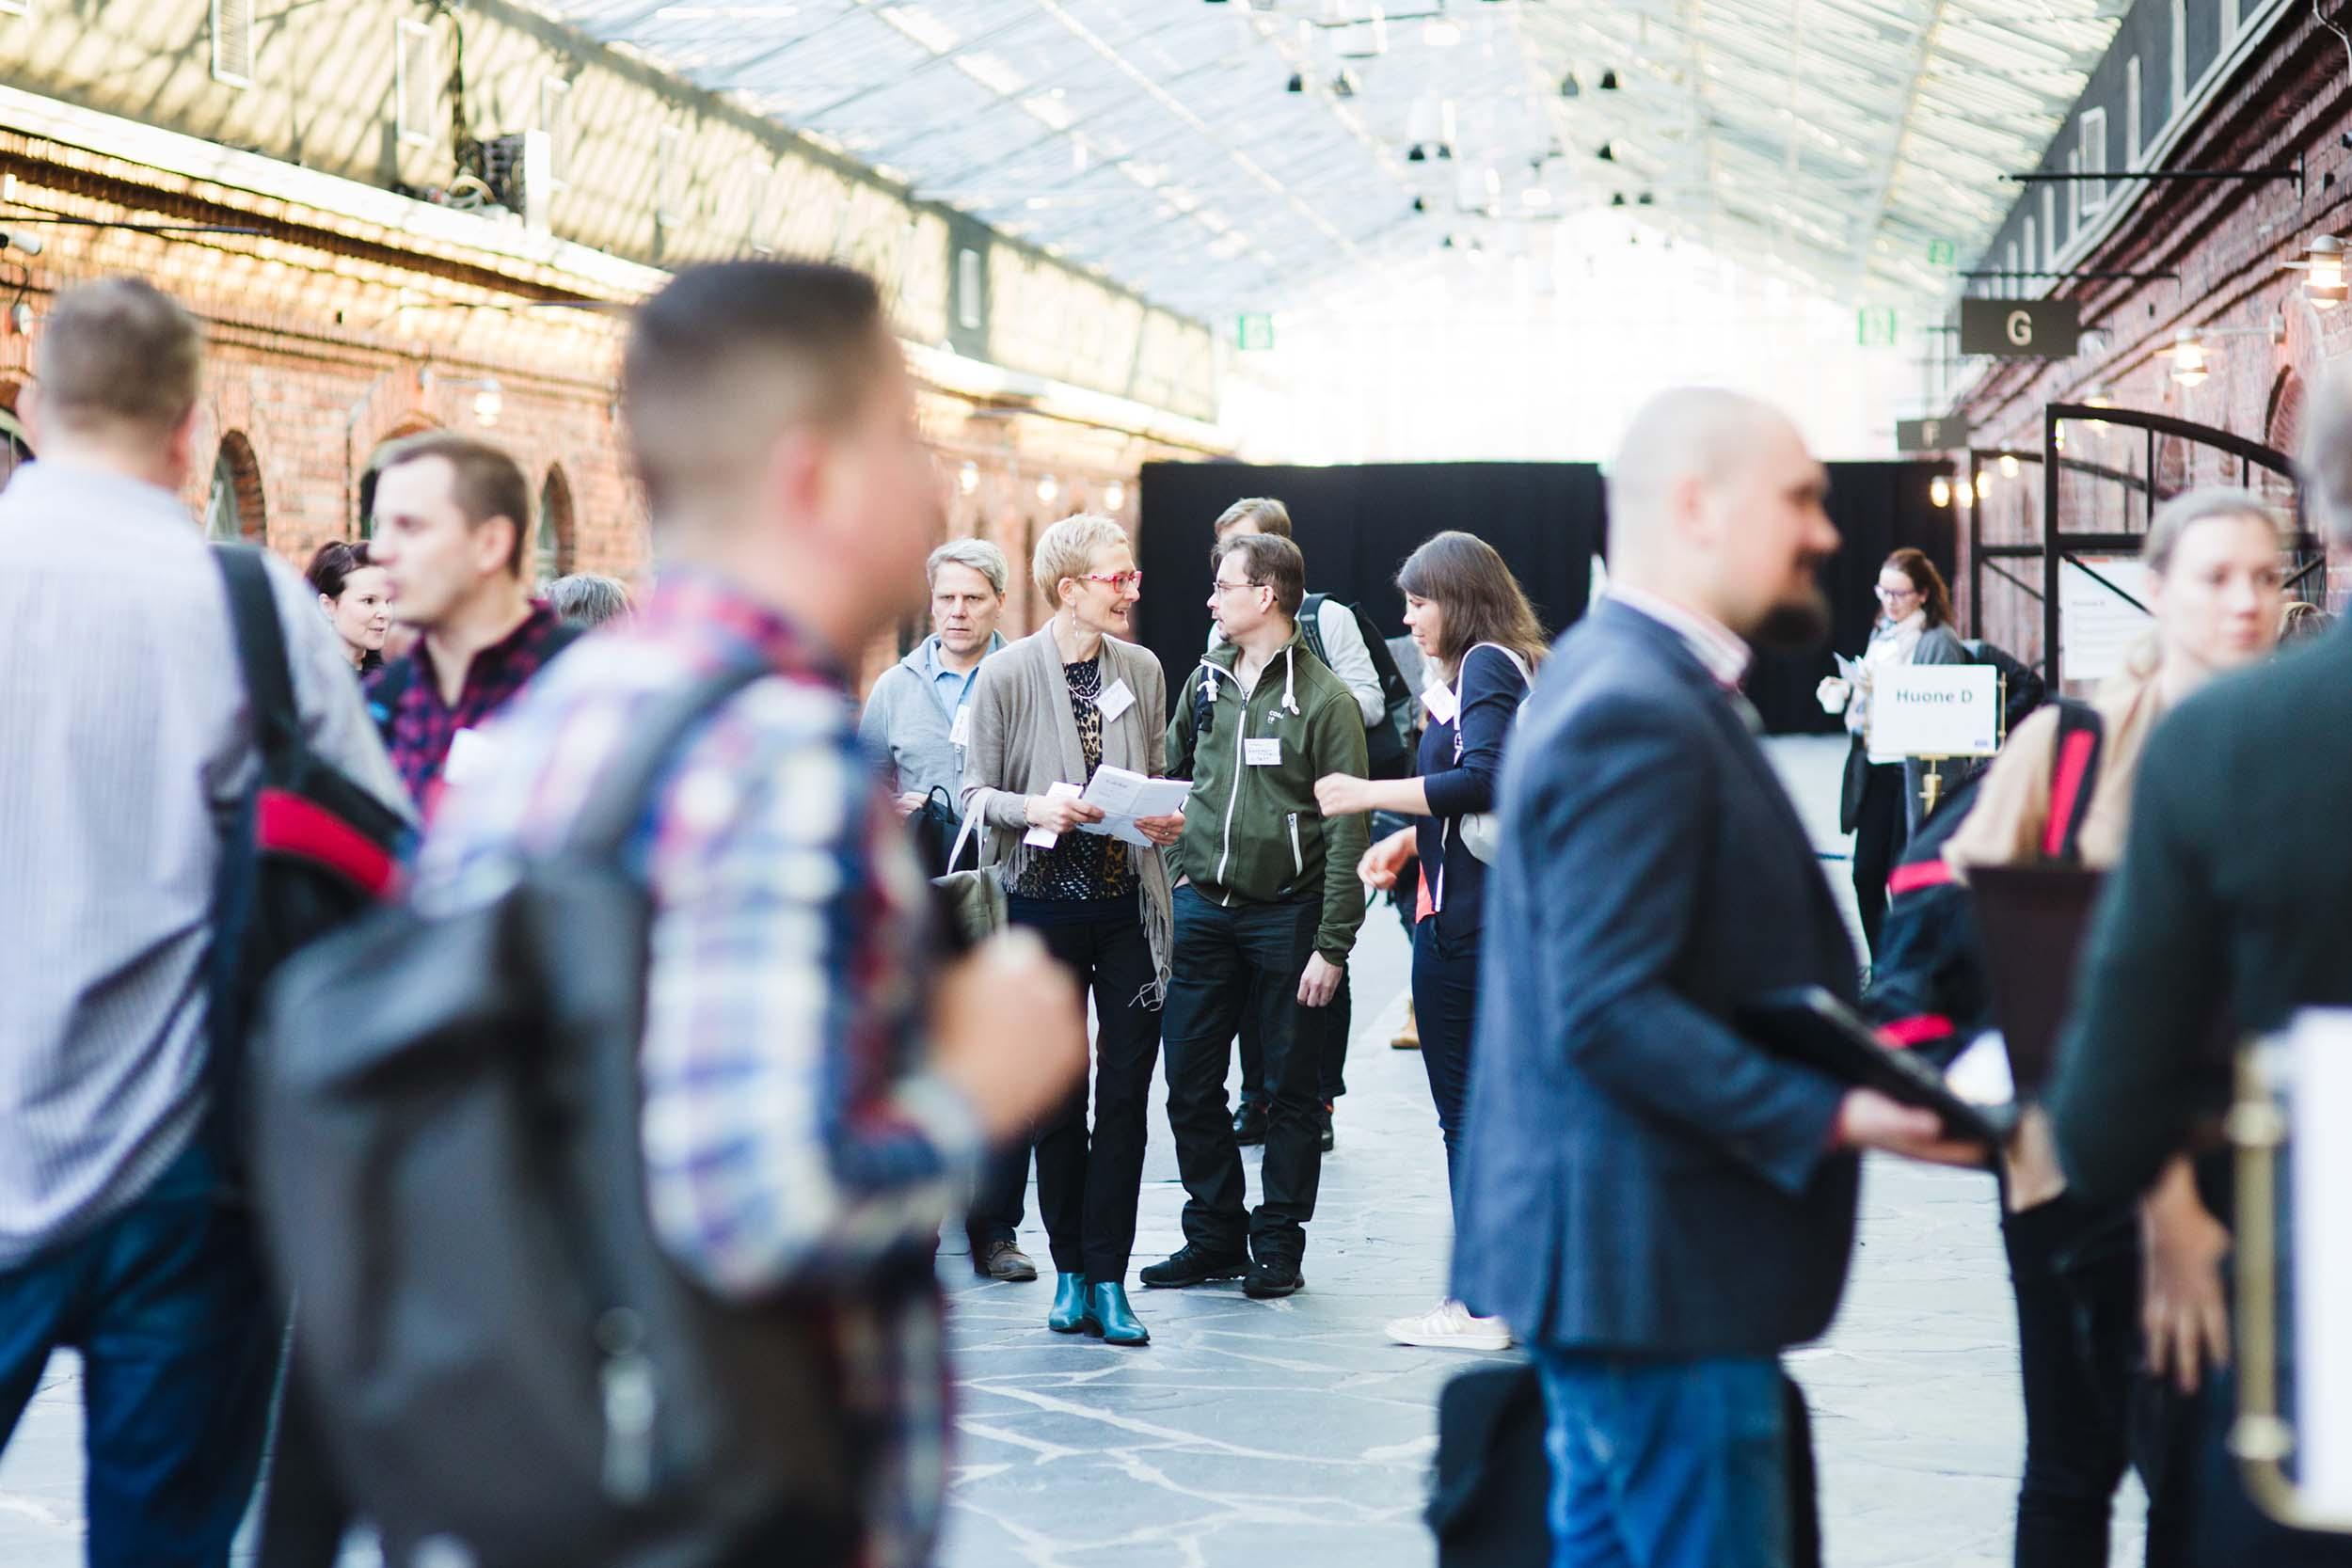 Paljon ihmisiä seminaaritilassa, miehiä ja naisia. Keskustelevat keskenään, osa liikkeellä. Tiiliseinät, lasikatto päästää valoa tilaan.